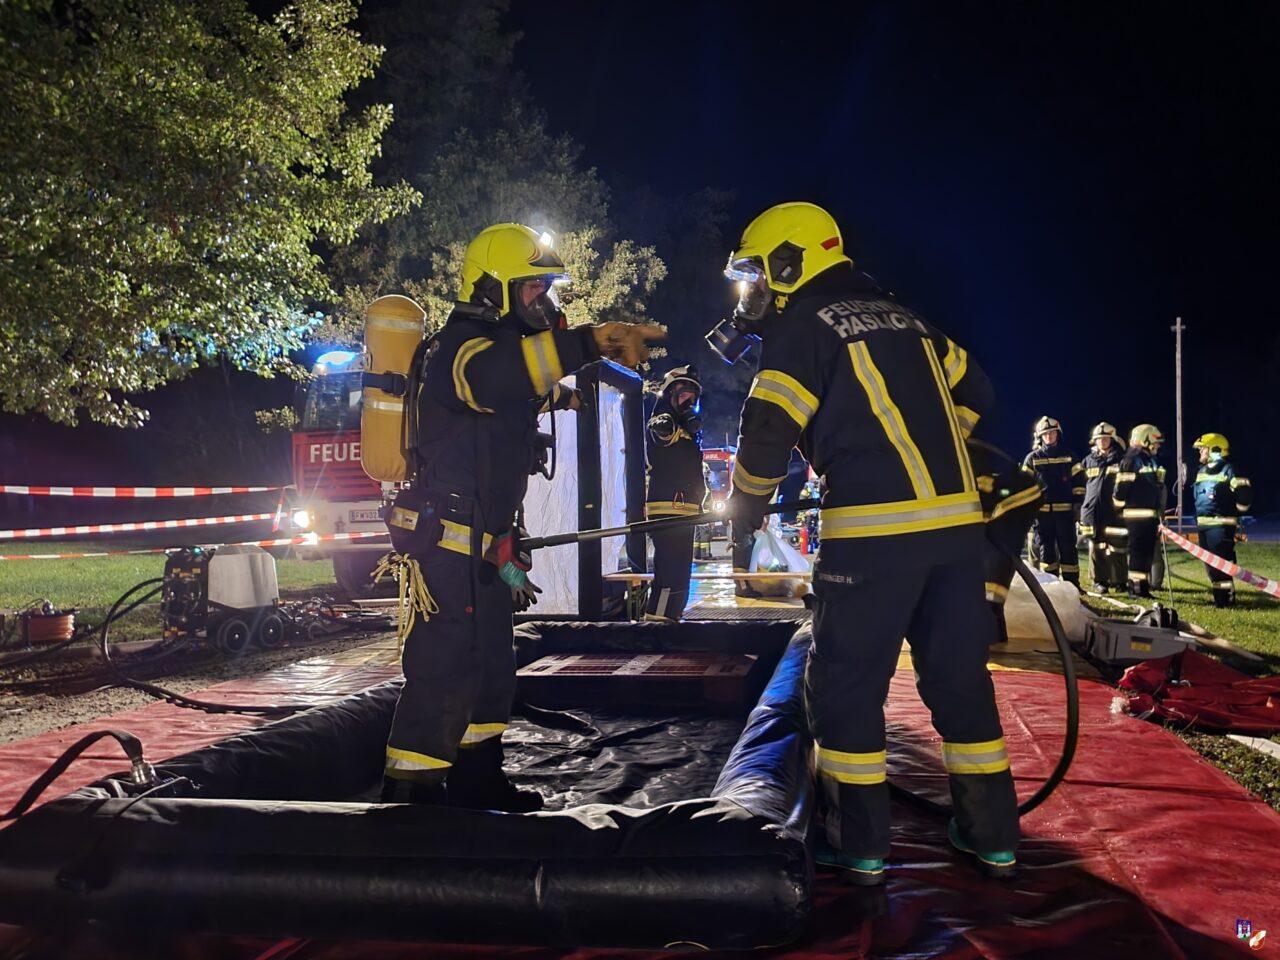 Verkehrsunfall mit verletzten Personen, Austritt eines Gefahrenstoffes